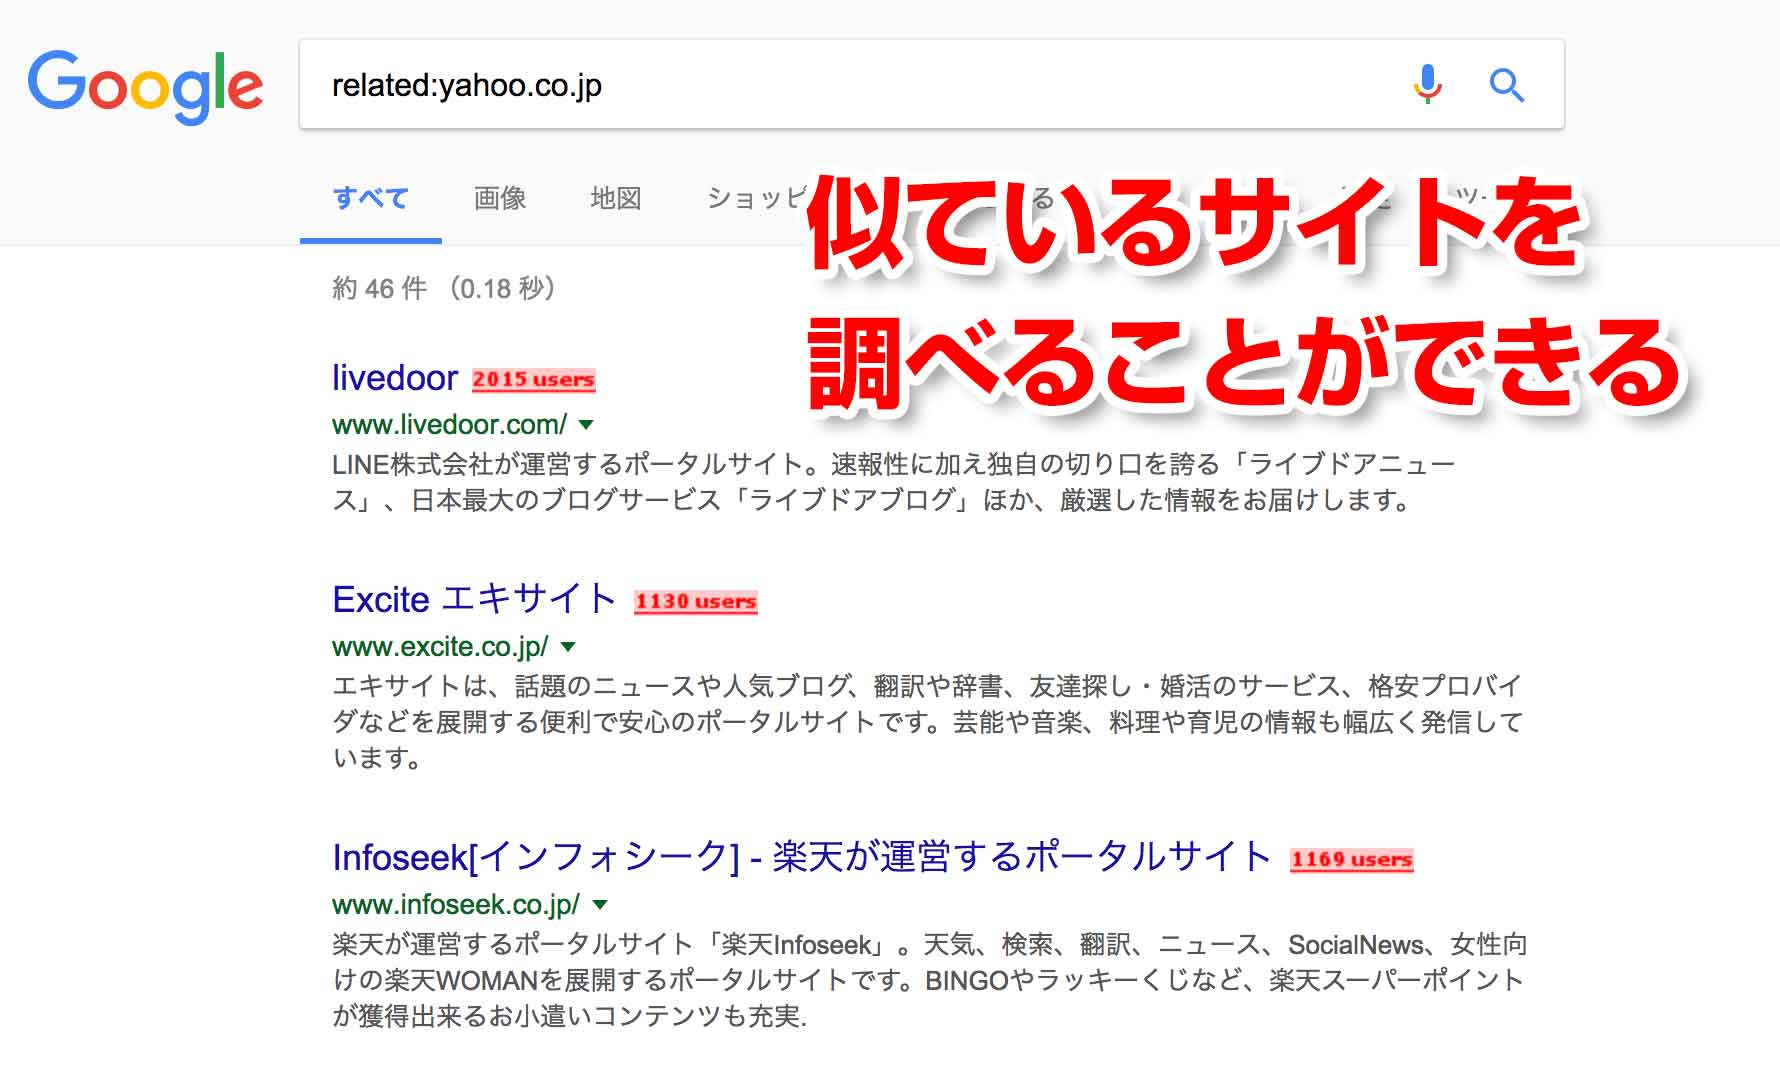 似ているサイト検索